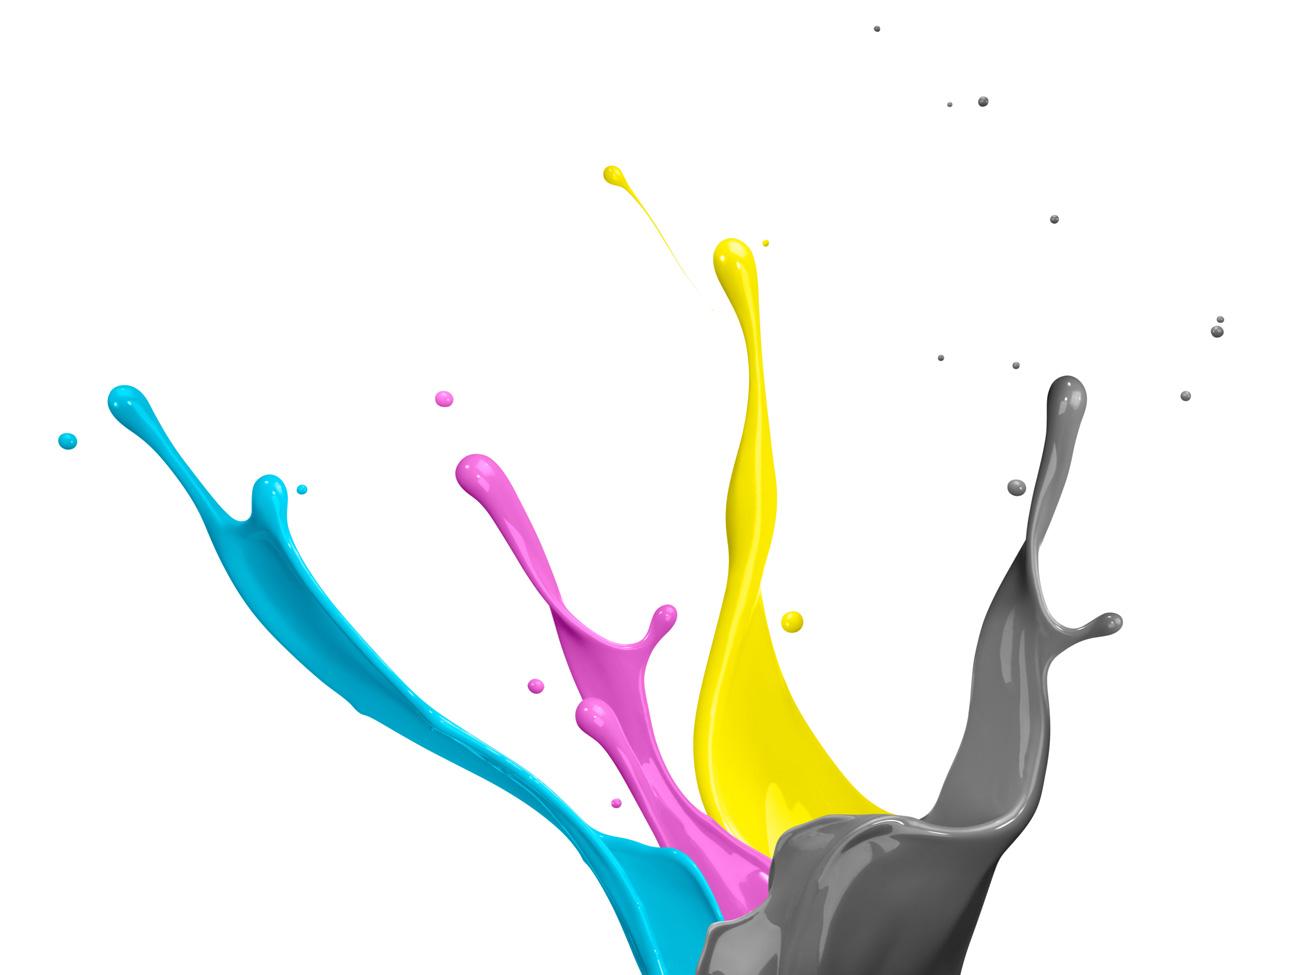 http://4.bp.blogspot.com/-9gZuBtrz9QE/Tt3fi_YhxFI/AAAAAAAAYdc/ok3XL7QGArA/s1600/CMYK+Wallpapers+%25287%2529.jpg